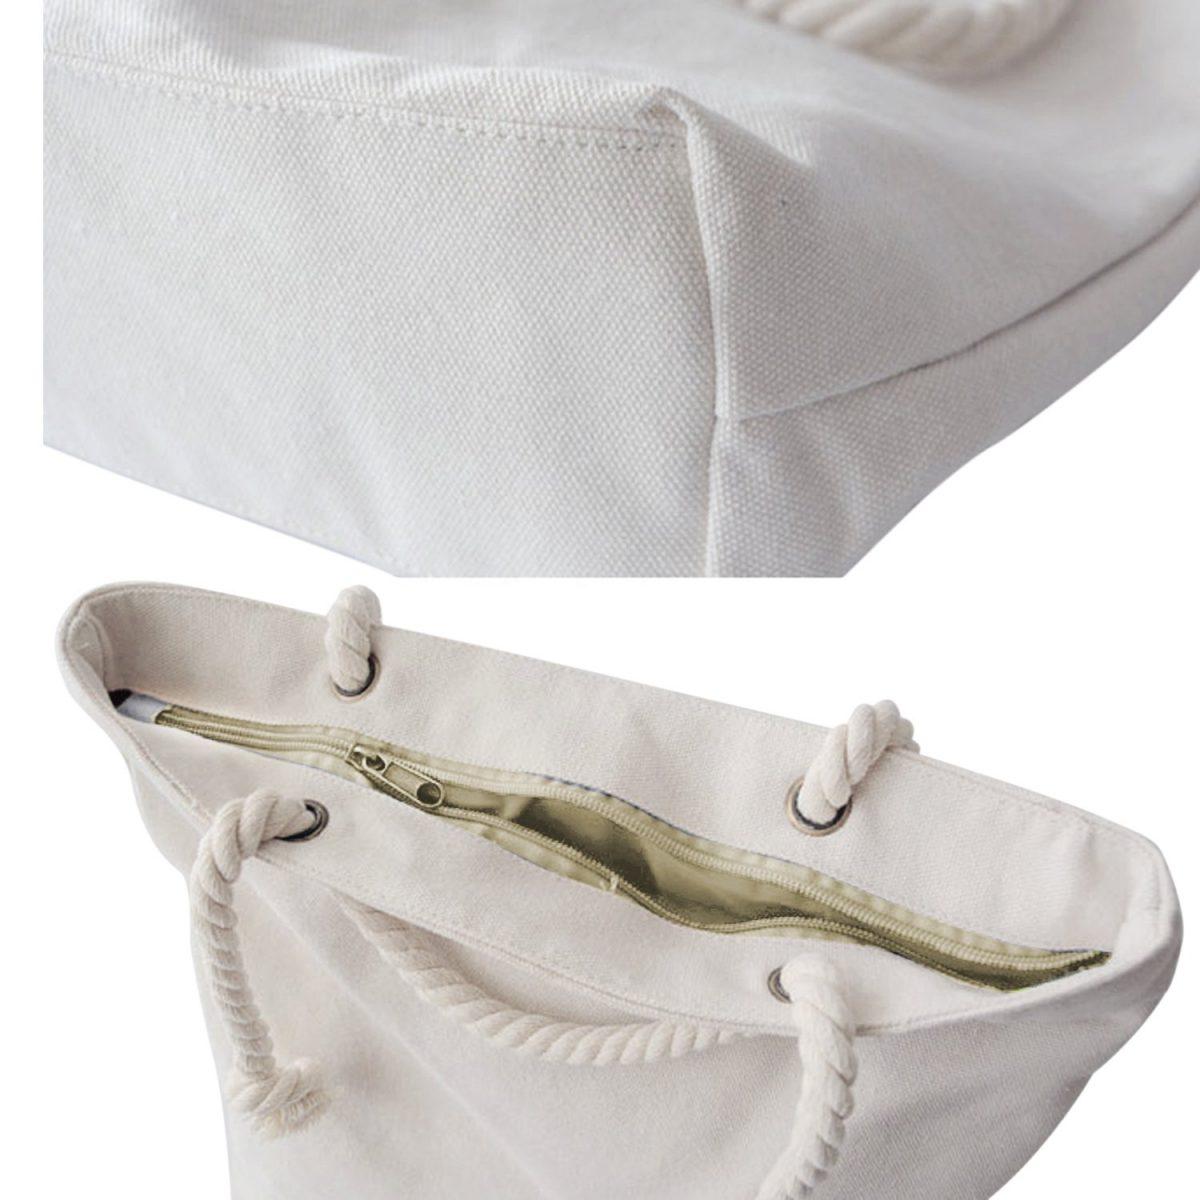 Leopar Desenli Altın Detaylı Özel Tasarım Modern Fermuarlı Kumaş Çanta Realhomes